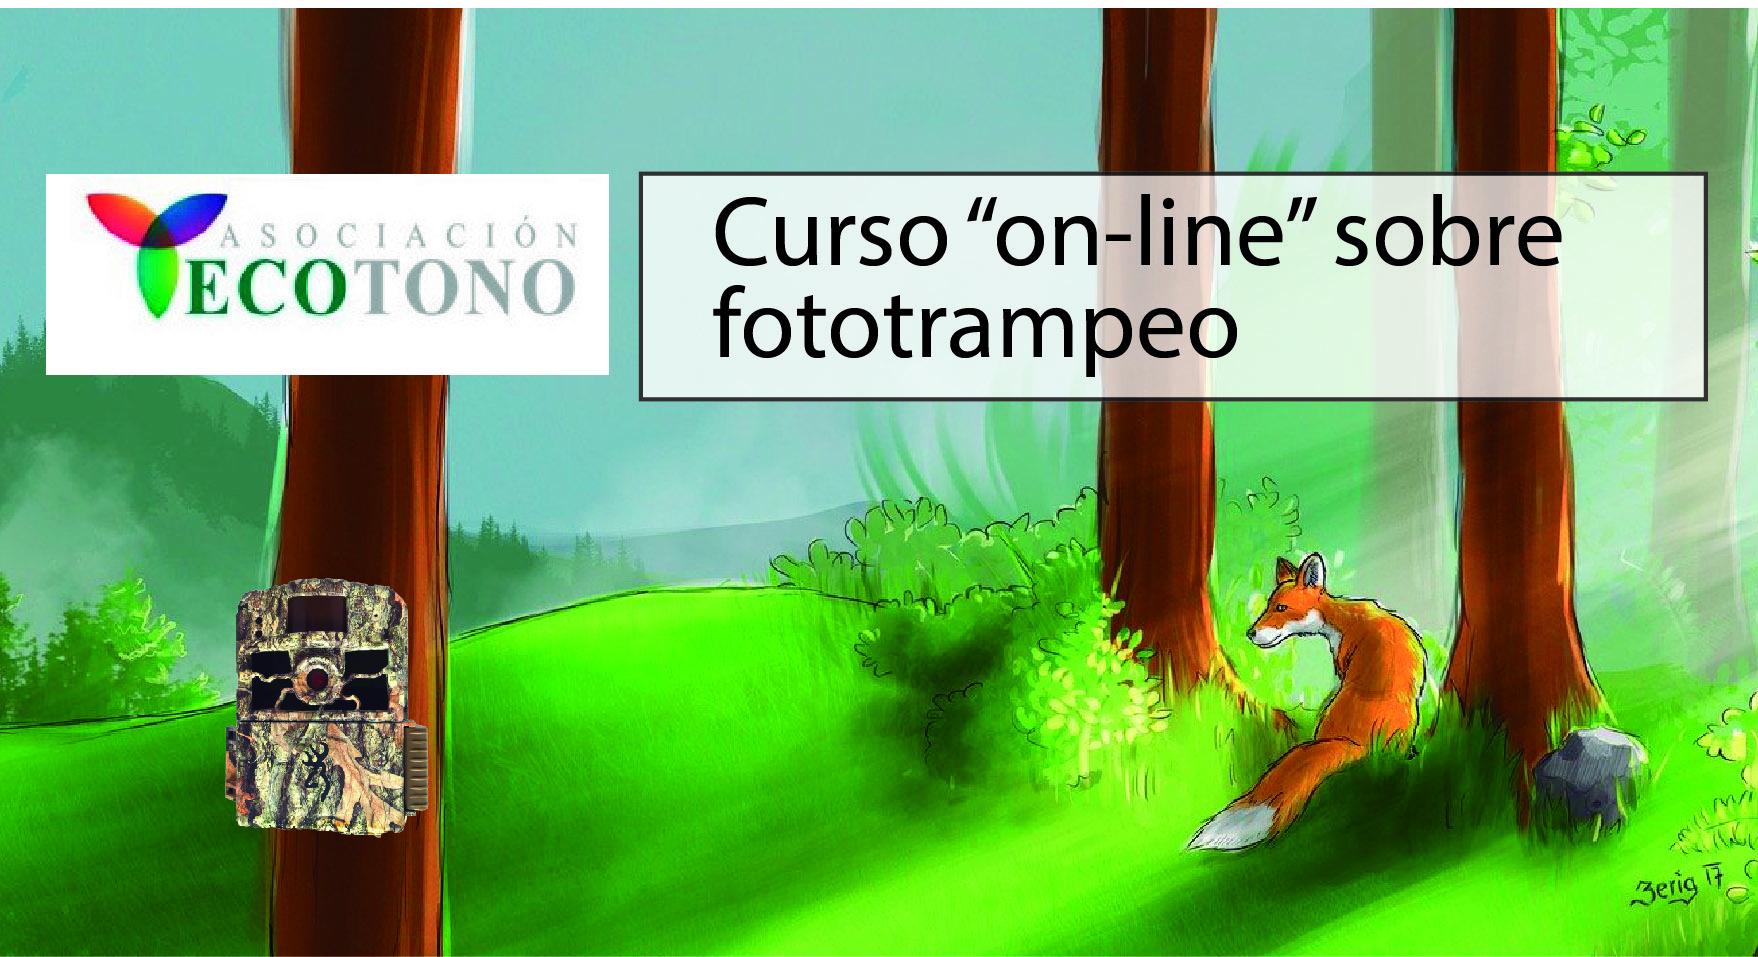 """Curso """"on-line"""" sobre fototrampeo."""